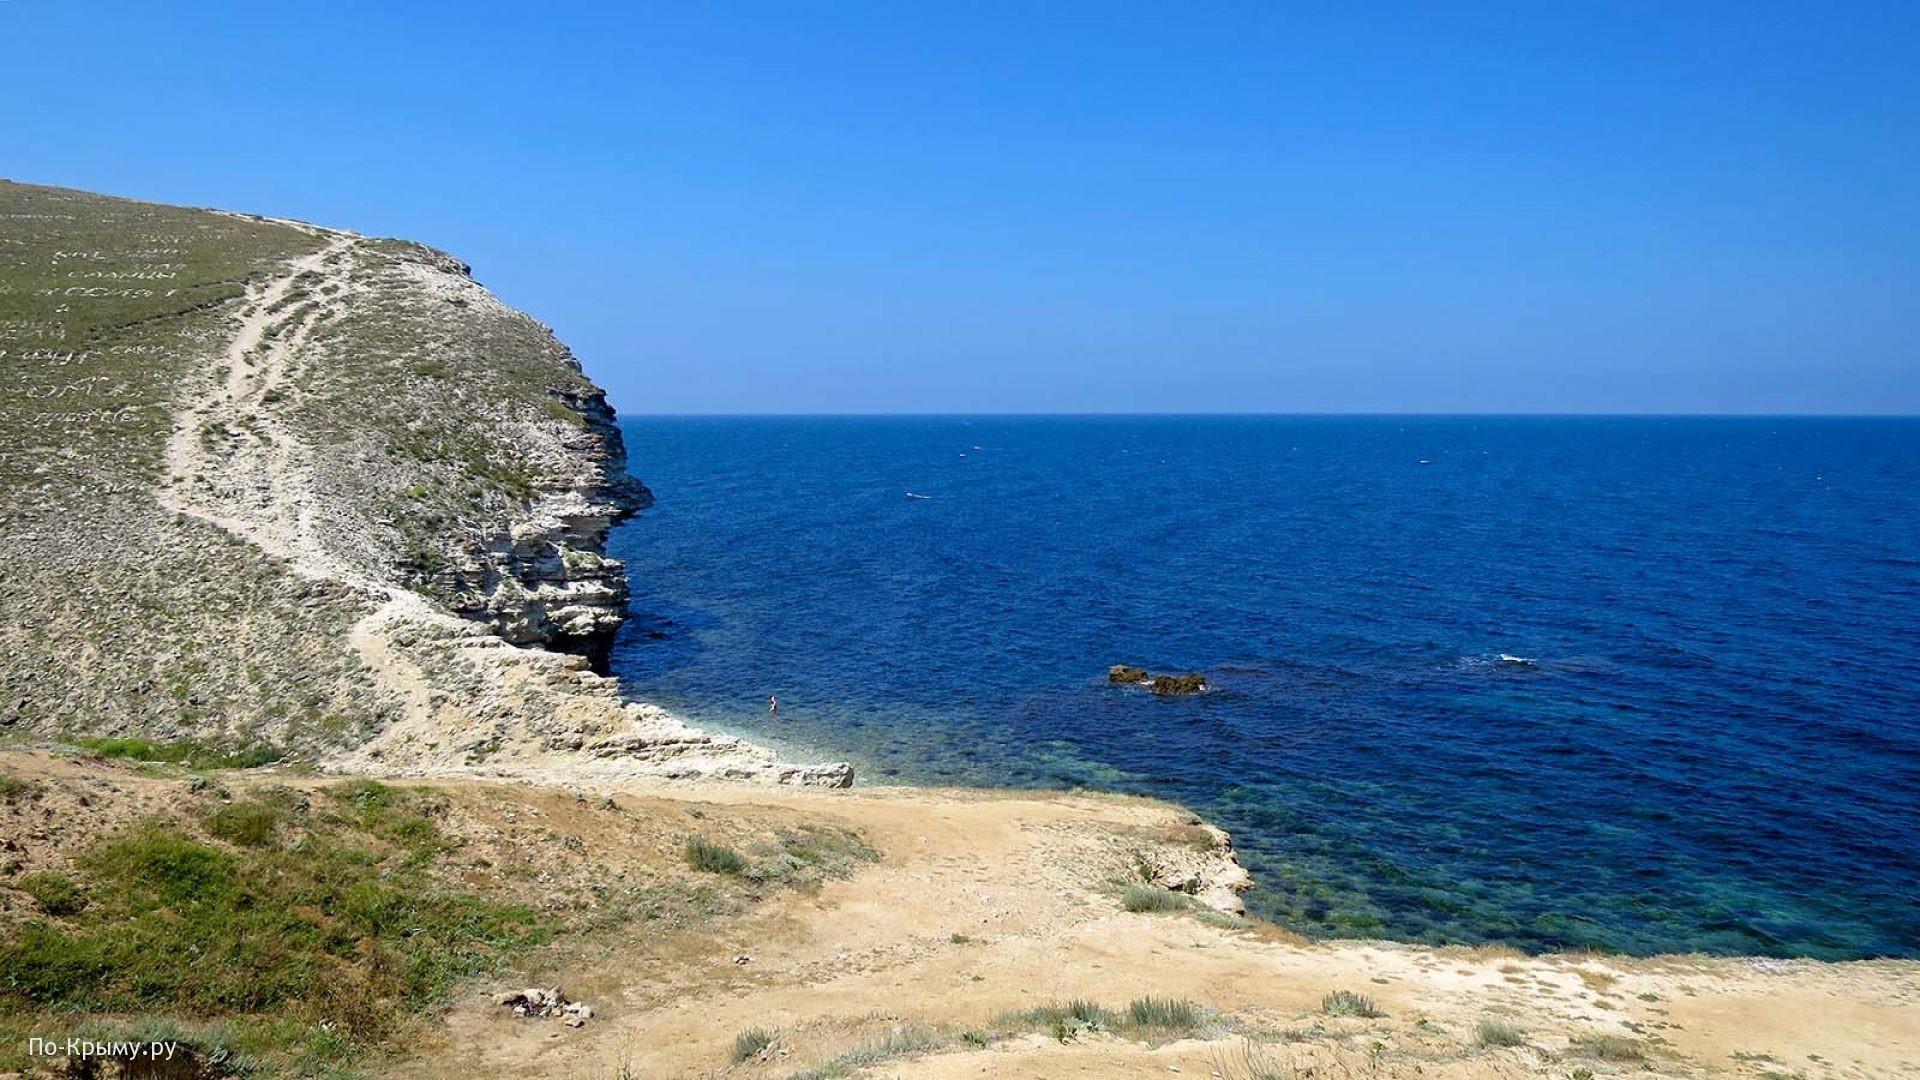 Галечные пляжи Тарханкутского полуострова